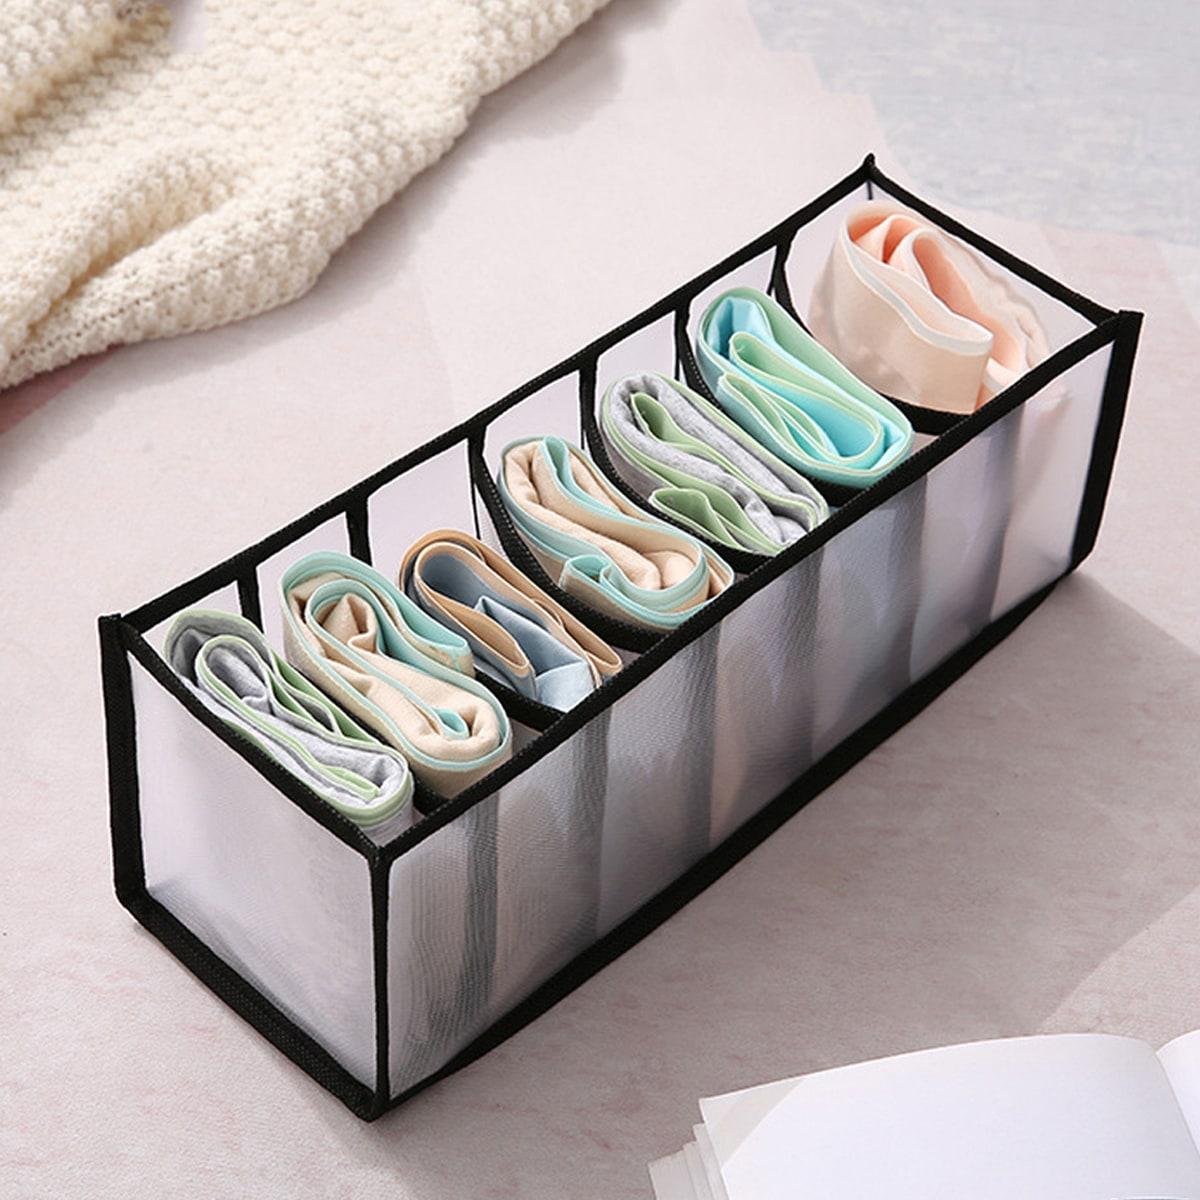 Складной ящик для хранения нижнего белья 1шт